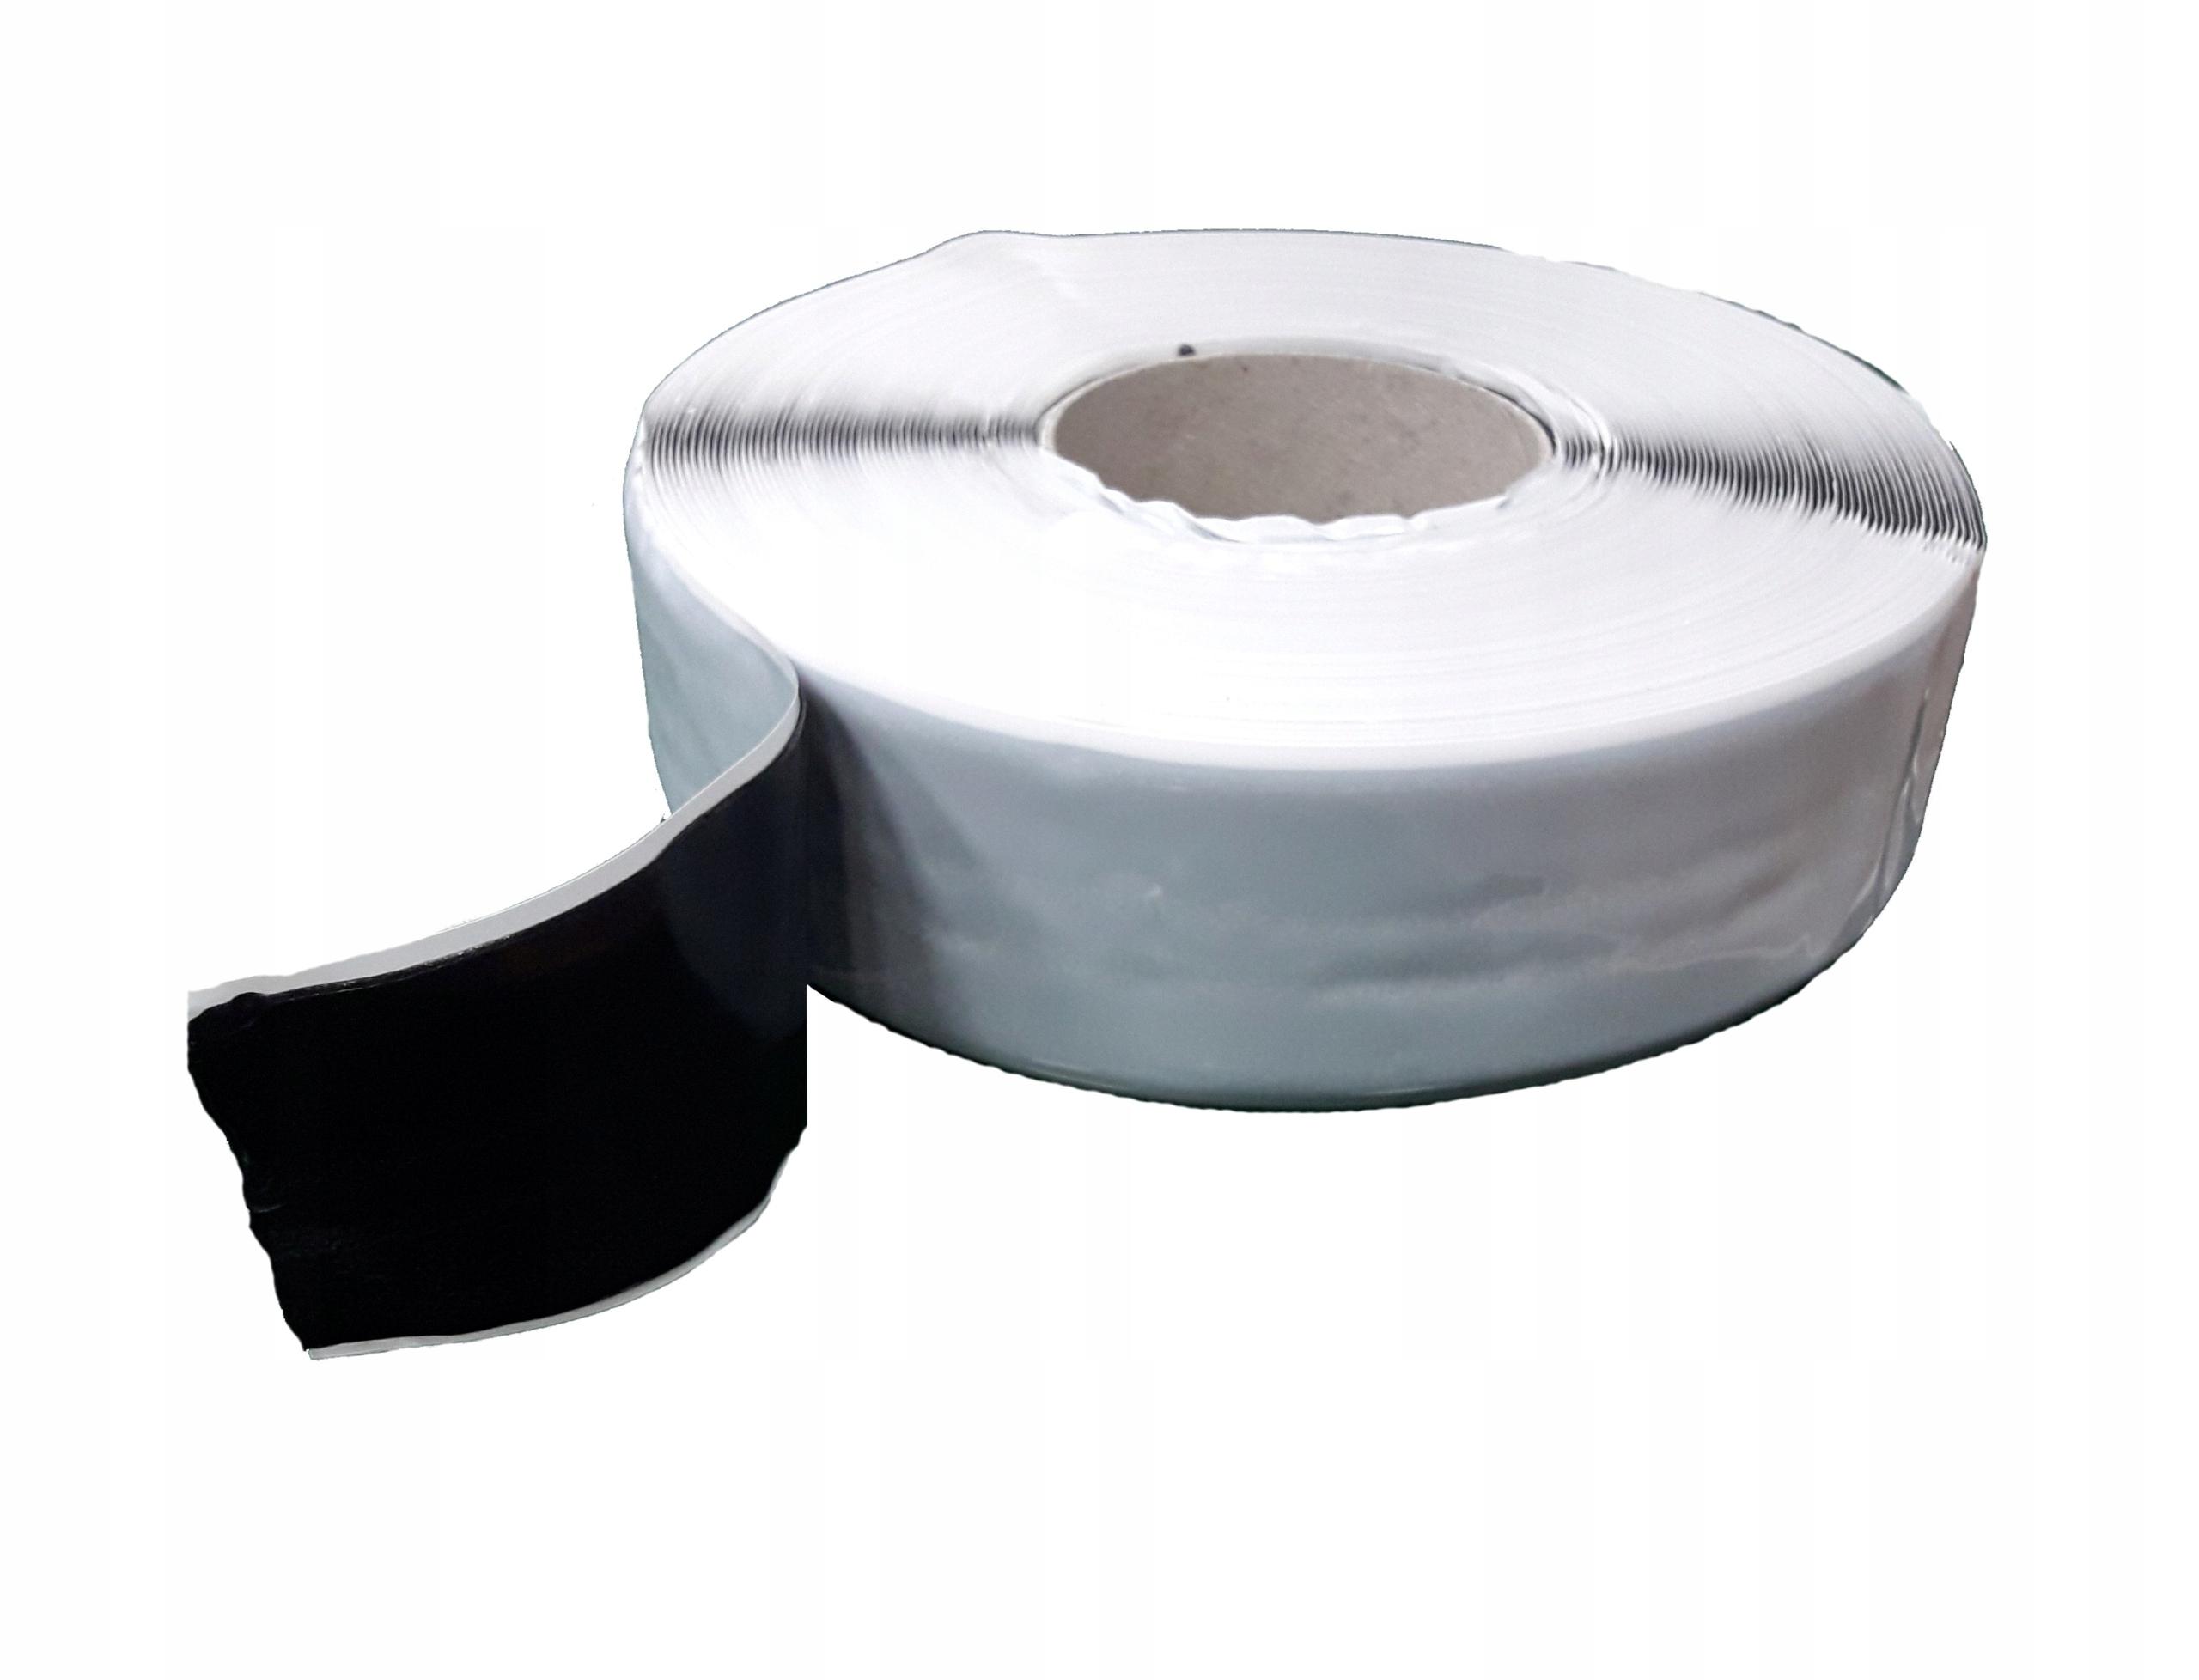 Двусторонний скотч 50 мм для полиэтиленовой пленки для пруда